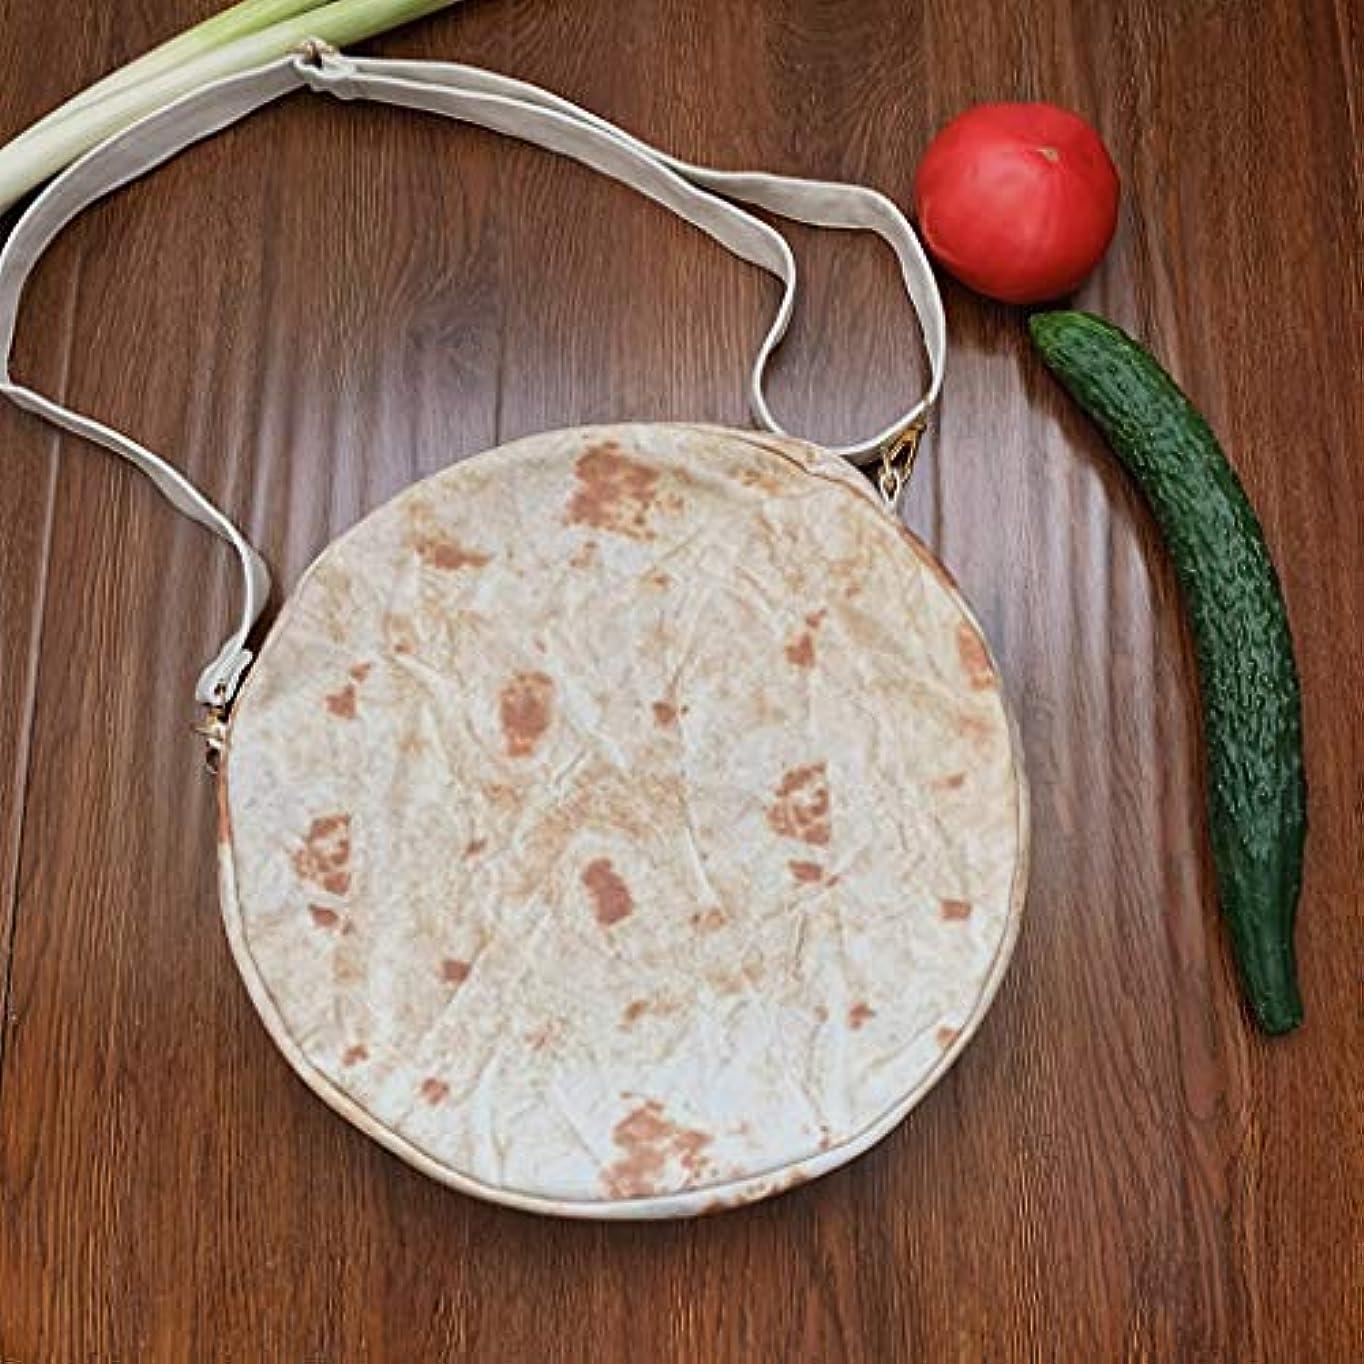 請求書抜粋朝食を食べるファッション女性キャンバスメキシコの肉ロールショルダーメッセンジャーバッグ小さなラウンドバッグ、女性ブリトージッパーメッセンジャーバッグショルダーバッグノベルティファッションラウンドパック (B)